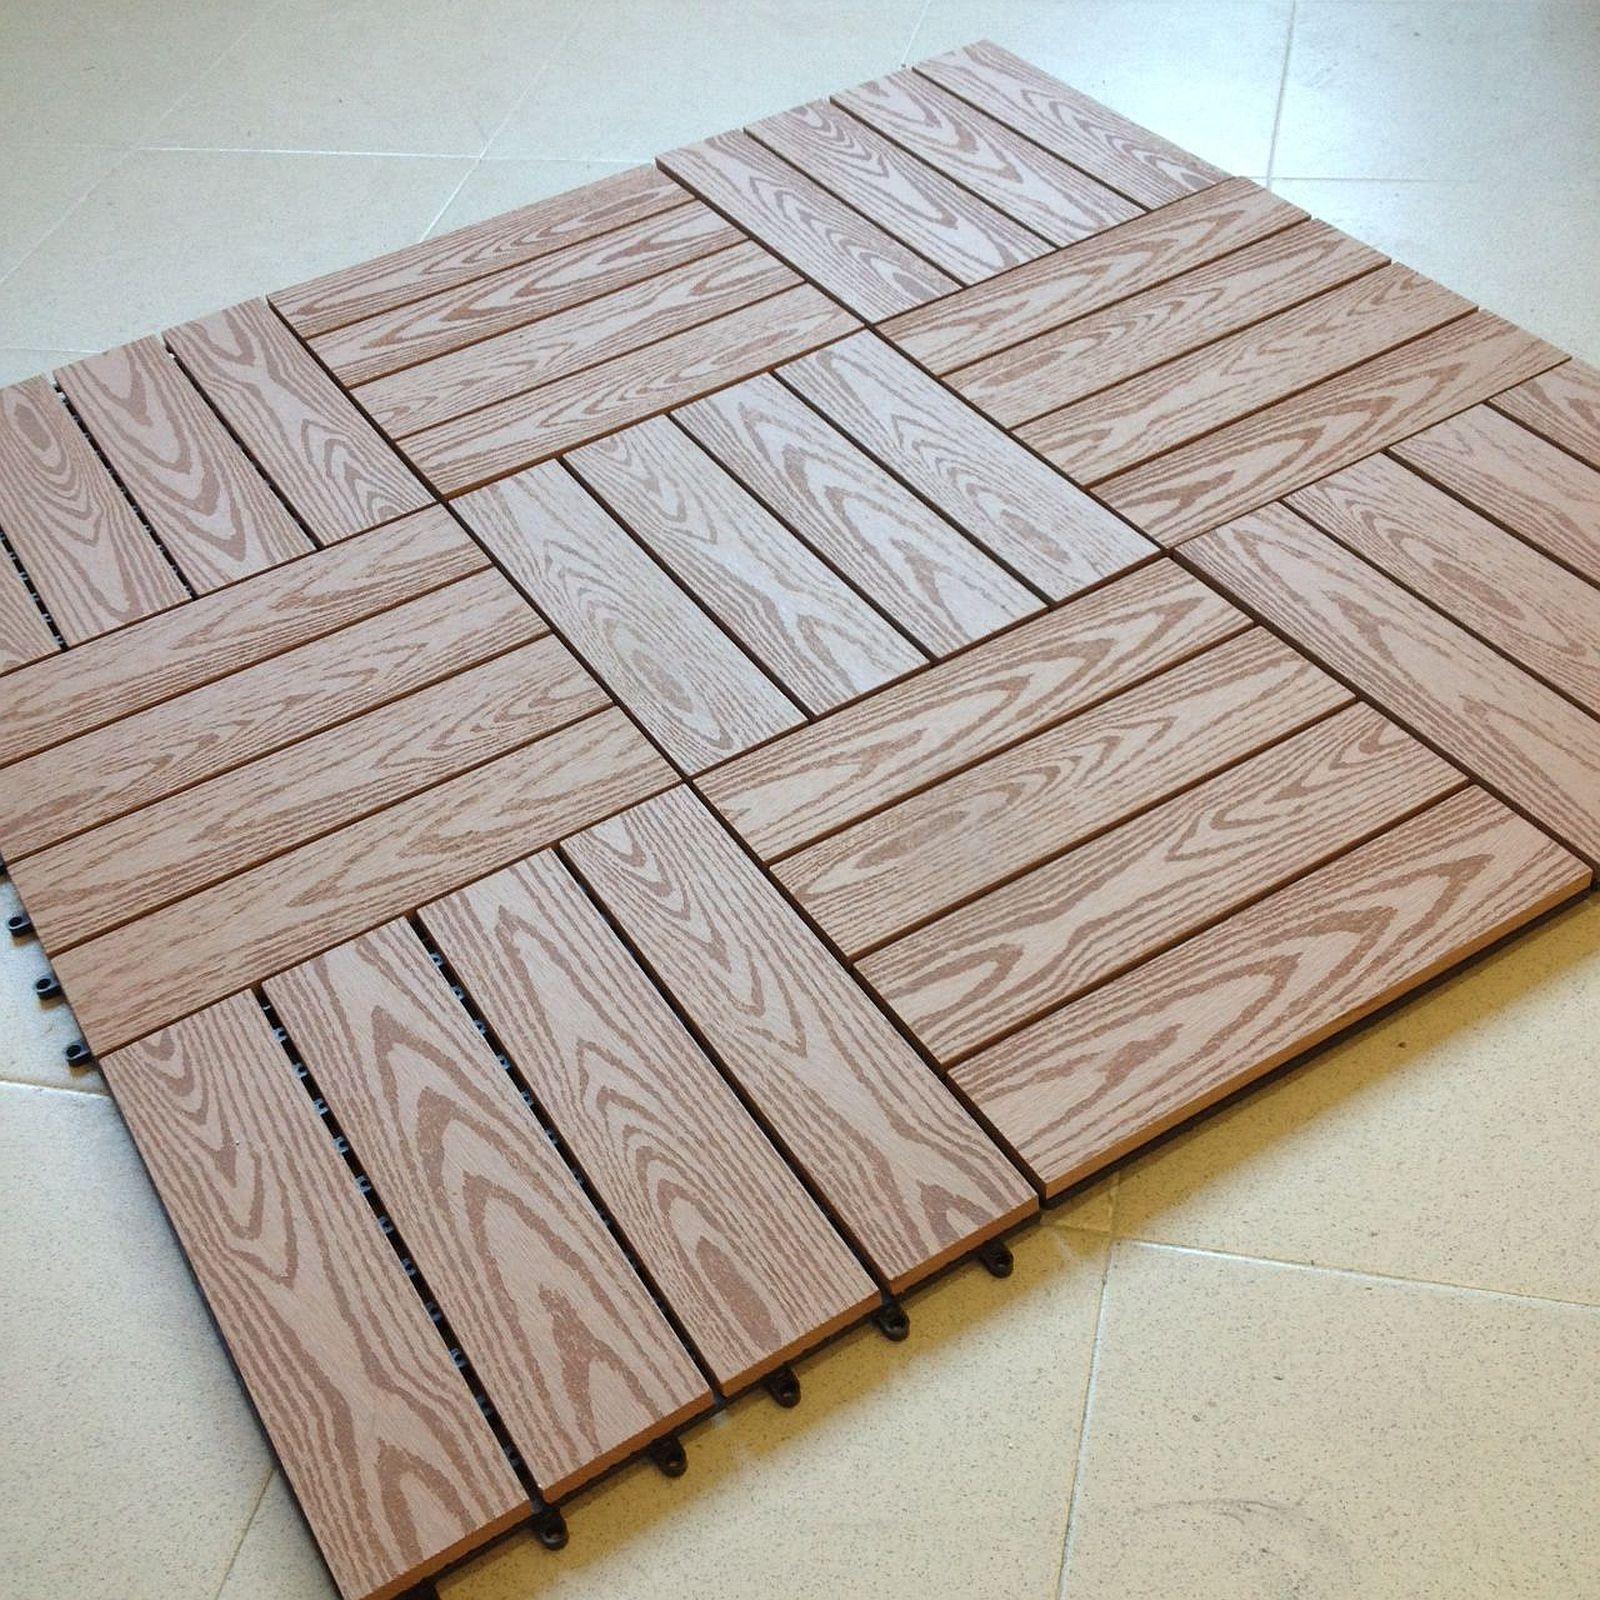 N 11 mattonelle per pavimento in wpc legno composito wpc3030 1mq 43 50 - Piastrelle garage prezzi ...